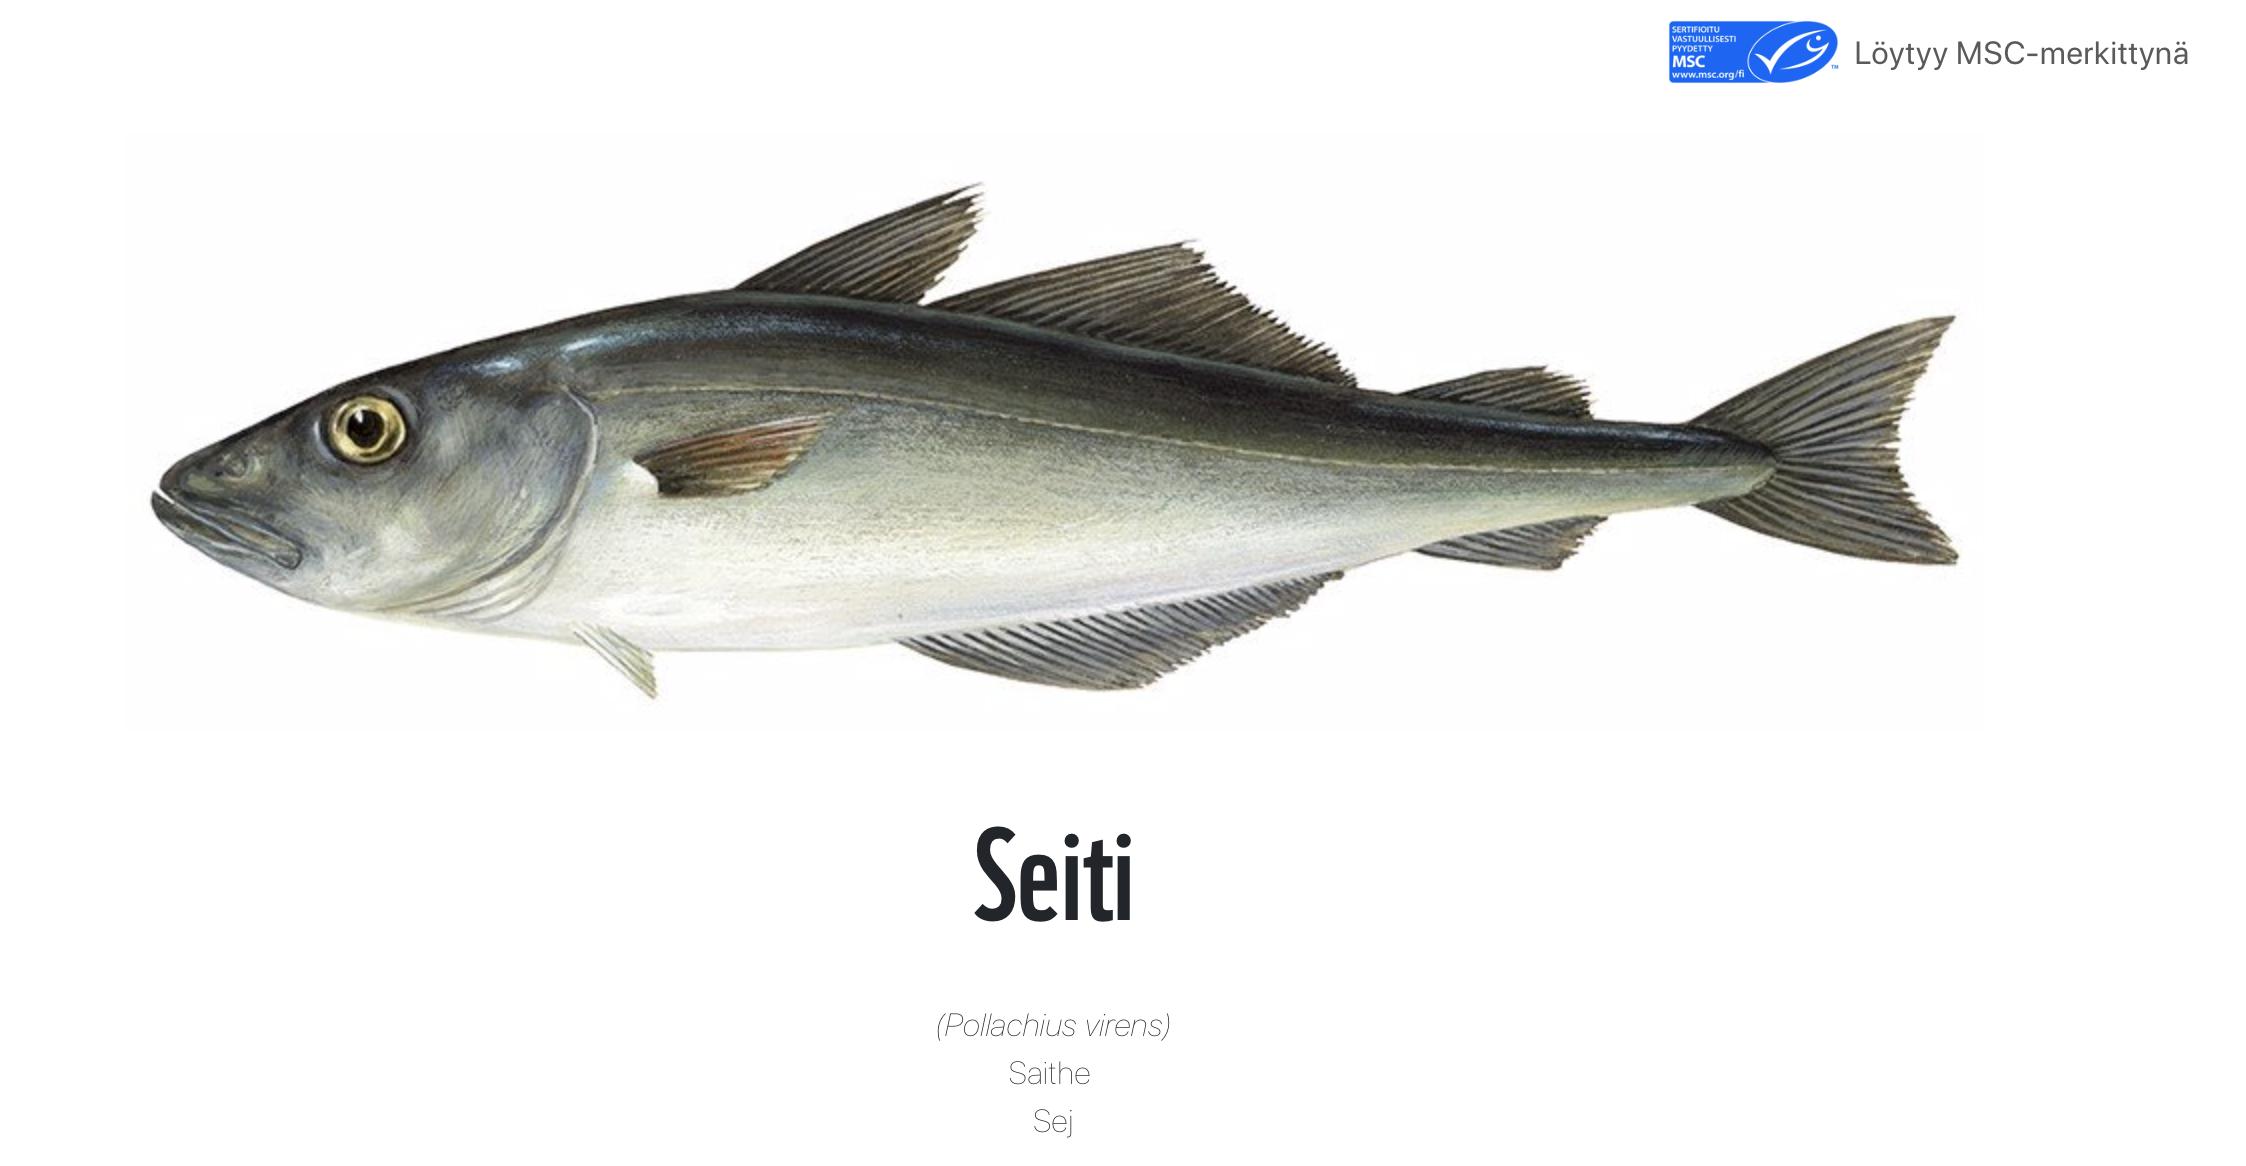 MSC, MSC Suomi, seiti, seitifile, seiti kala, sei, kala, kalavalinnat, vastuullinen kala, vastuulliset kalavalinnat, kalastus, ruodoton,